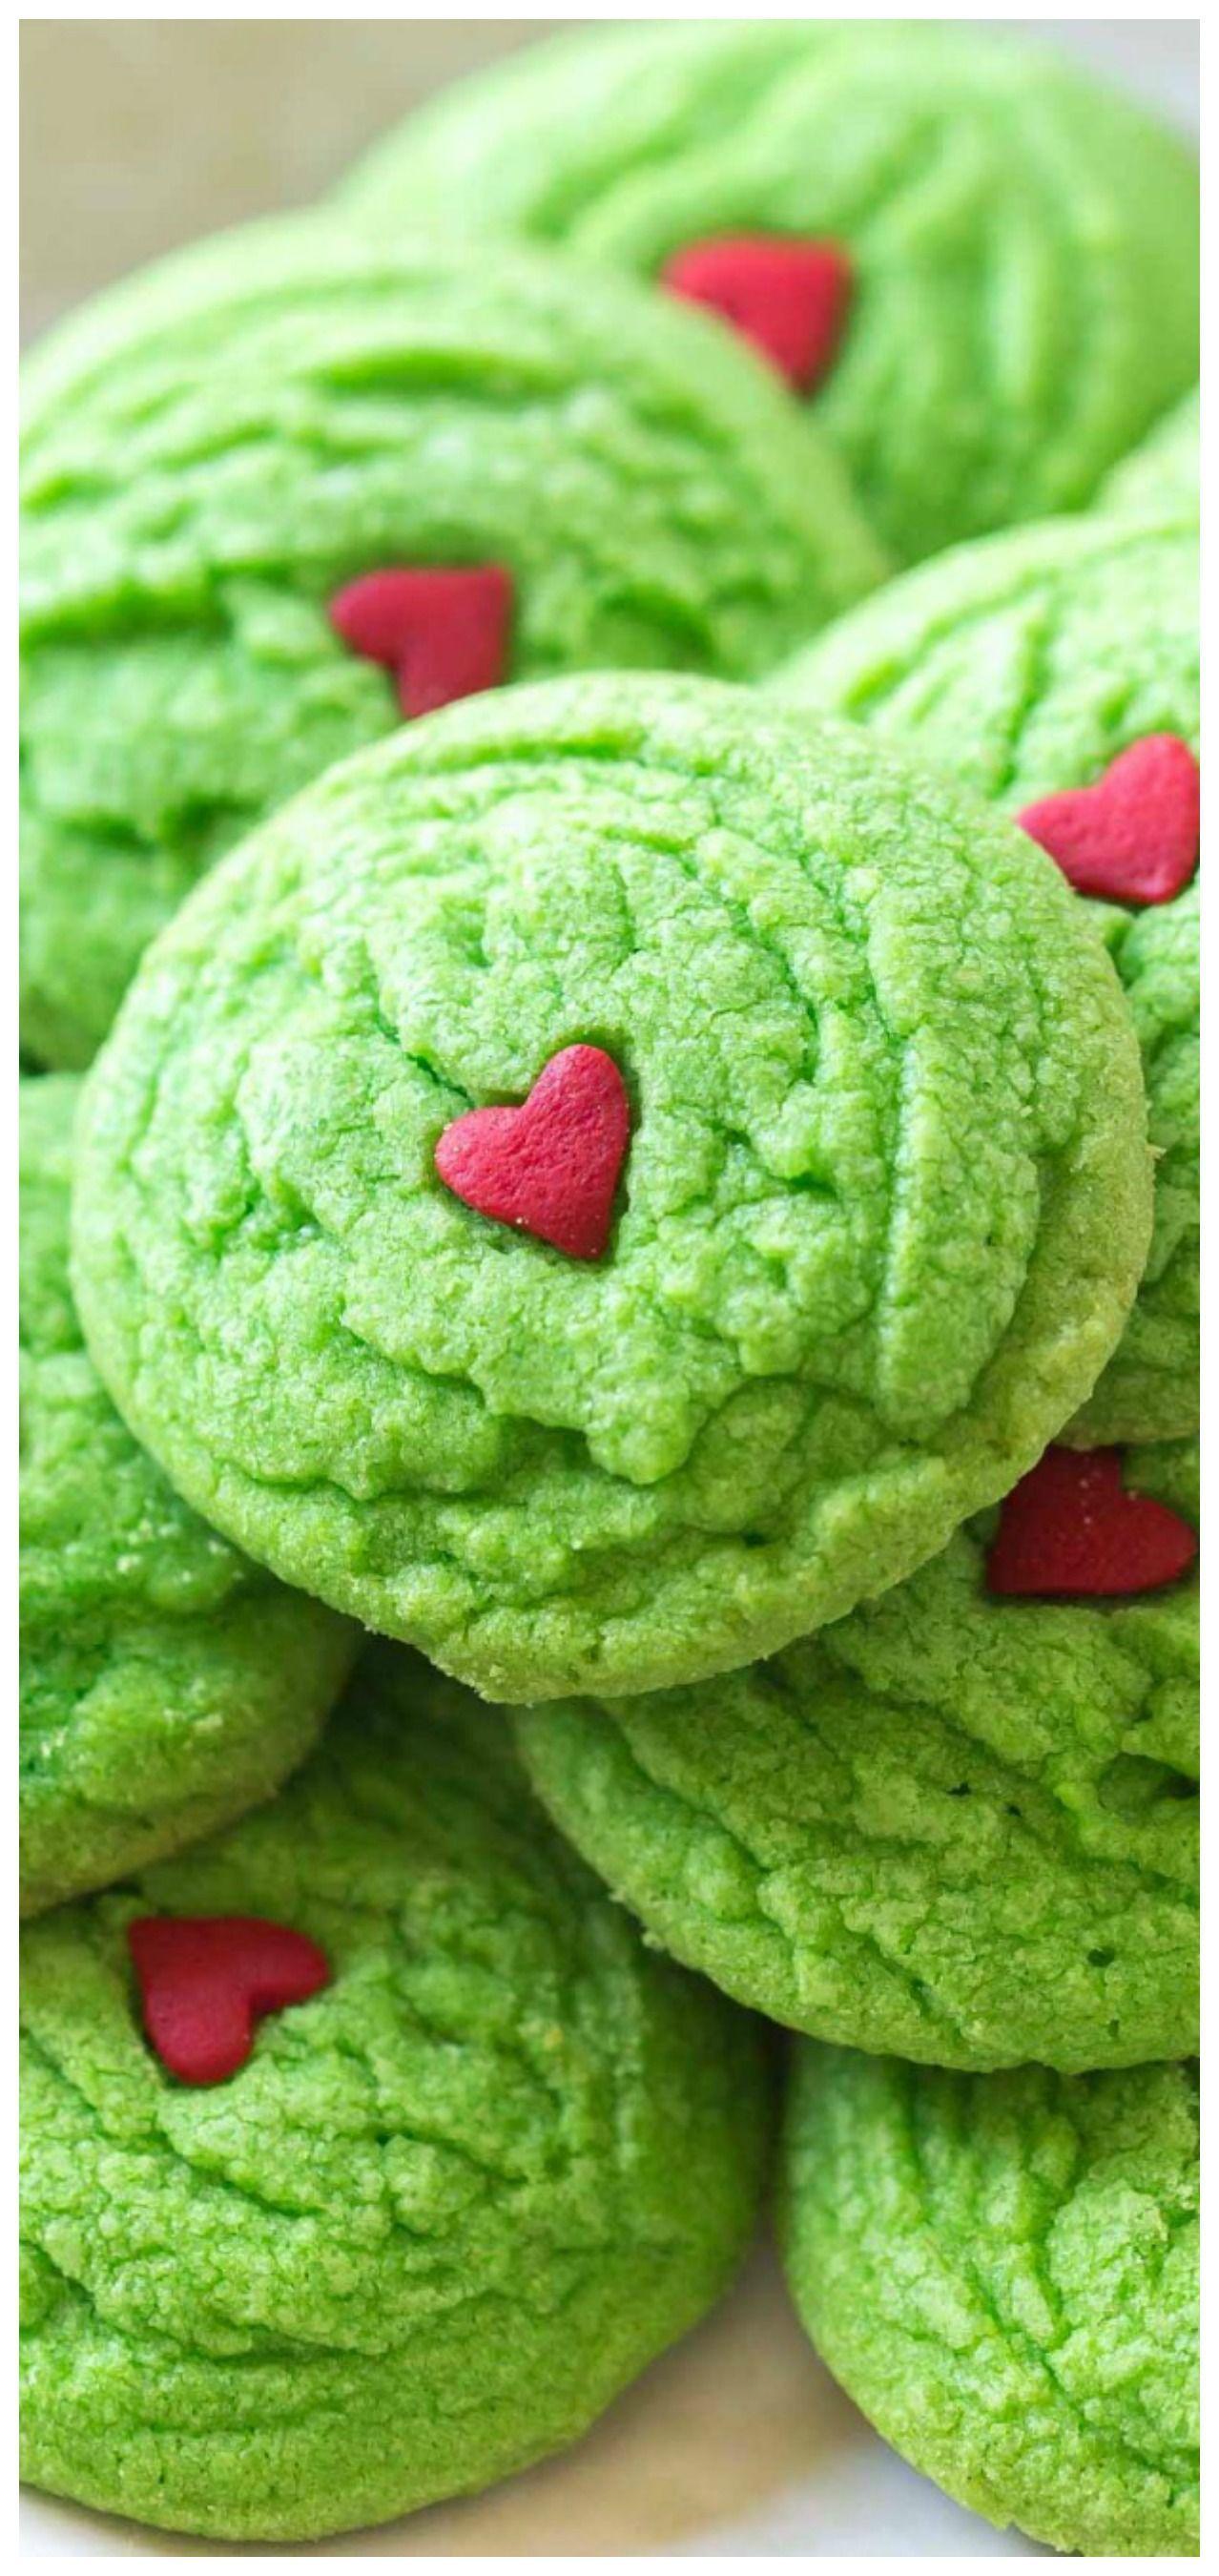 Dairy Free Grinch Cookies #grinchcookies Dairy Free Grinch Cookies ~ Simple and delicious. #grinchcookies Dairy Free Grinch Cookies #grinchcookies Dairy Free Grinch Cookies ~ Simple and delicious. #grinchcookies